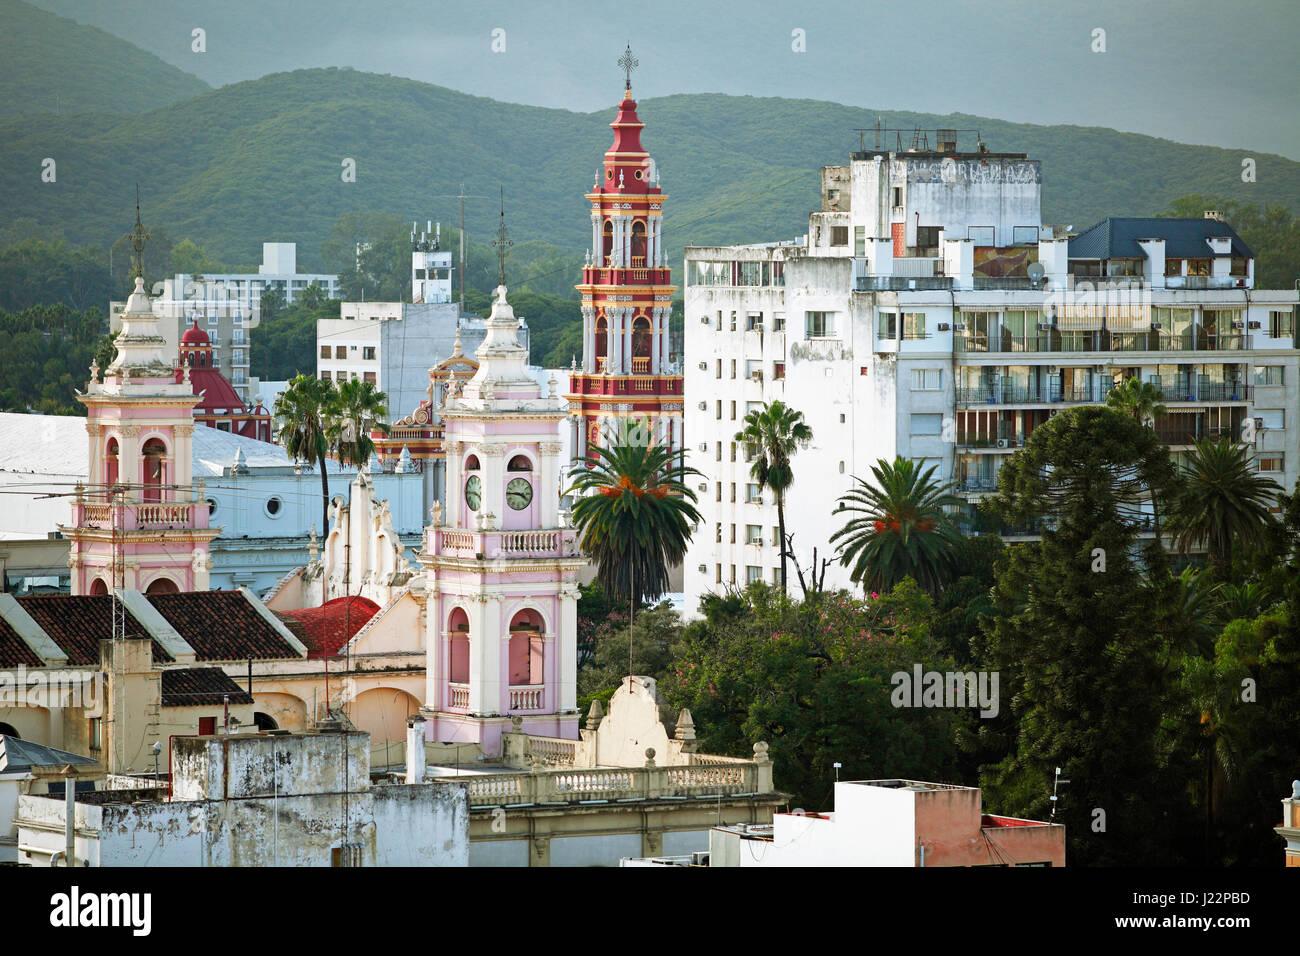 Paesaggio con la cattedrale e la Iglesia San Francisco, Salta, provincia di Salta, Argentina Immagini Stock